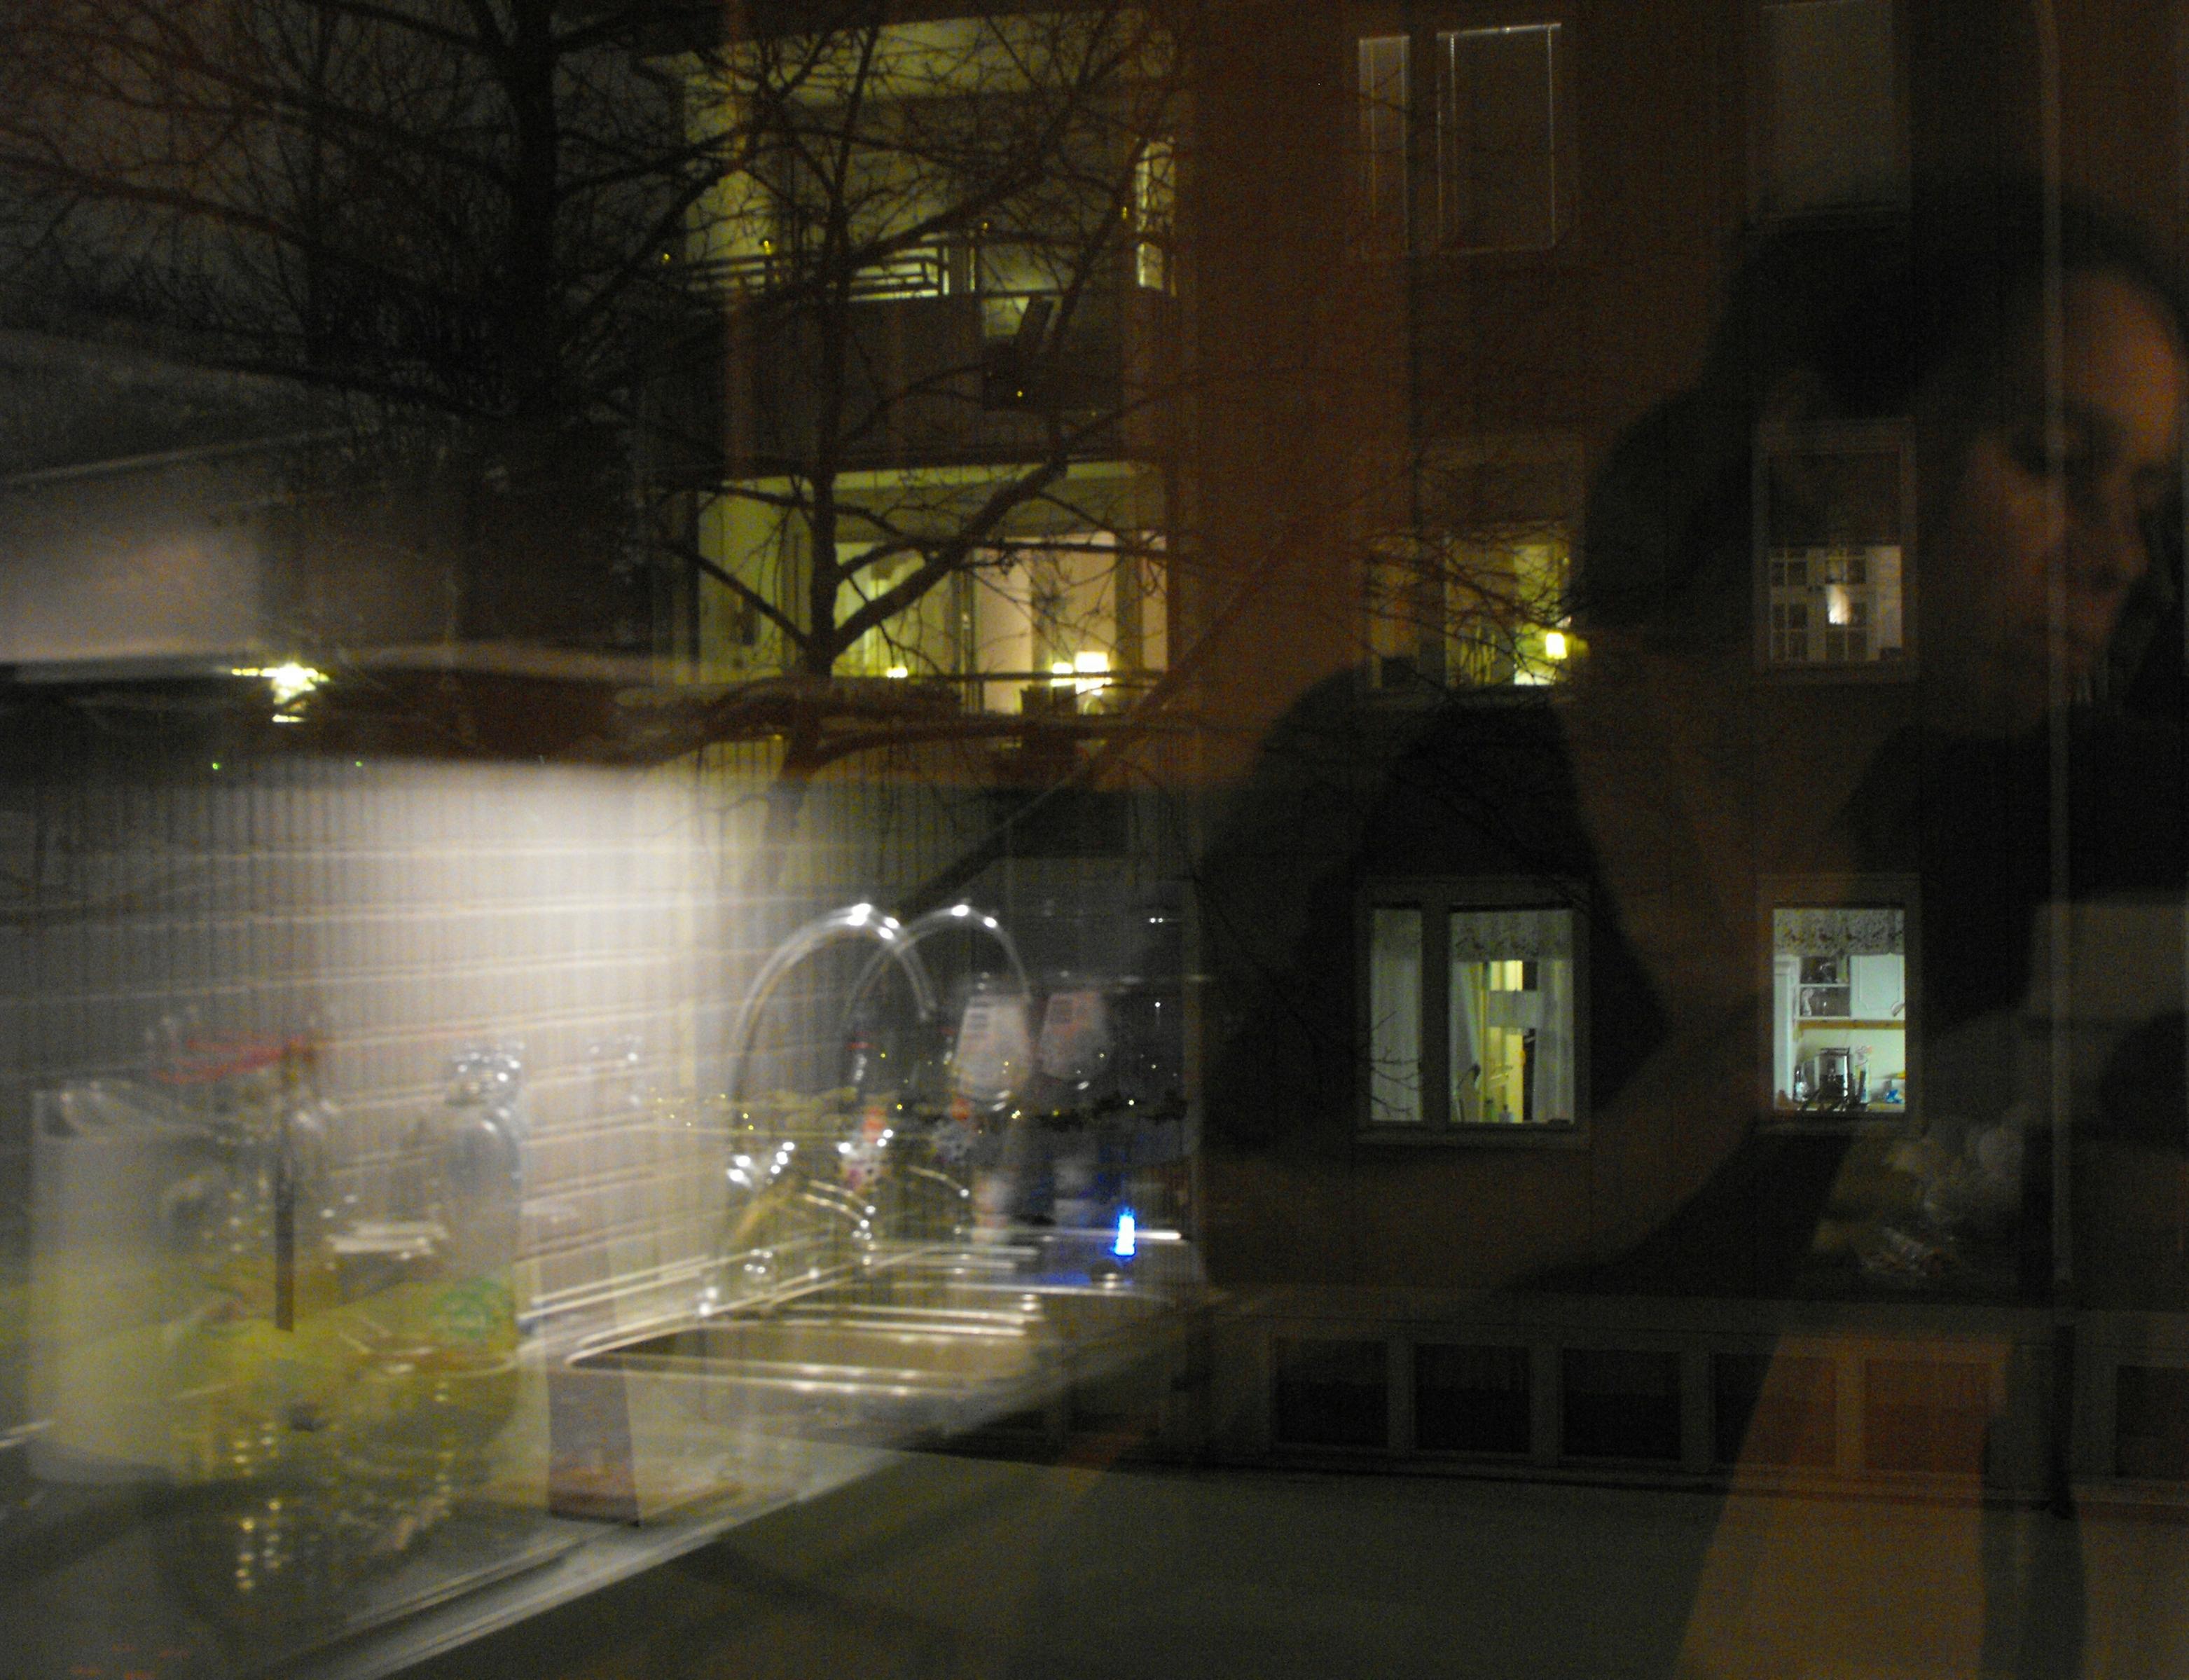 Interior, Doktorn är bara bra om Något ska klippas bort, Kiruna Stadshus, in collaboration with Cecilia Josefson, 2015